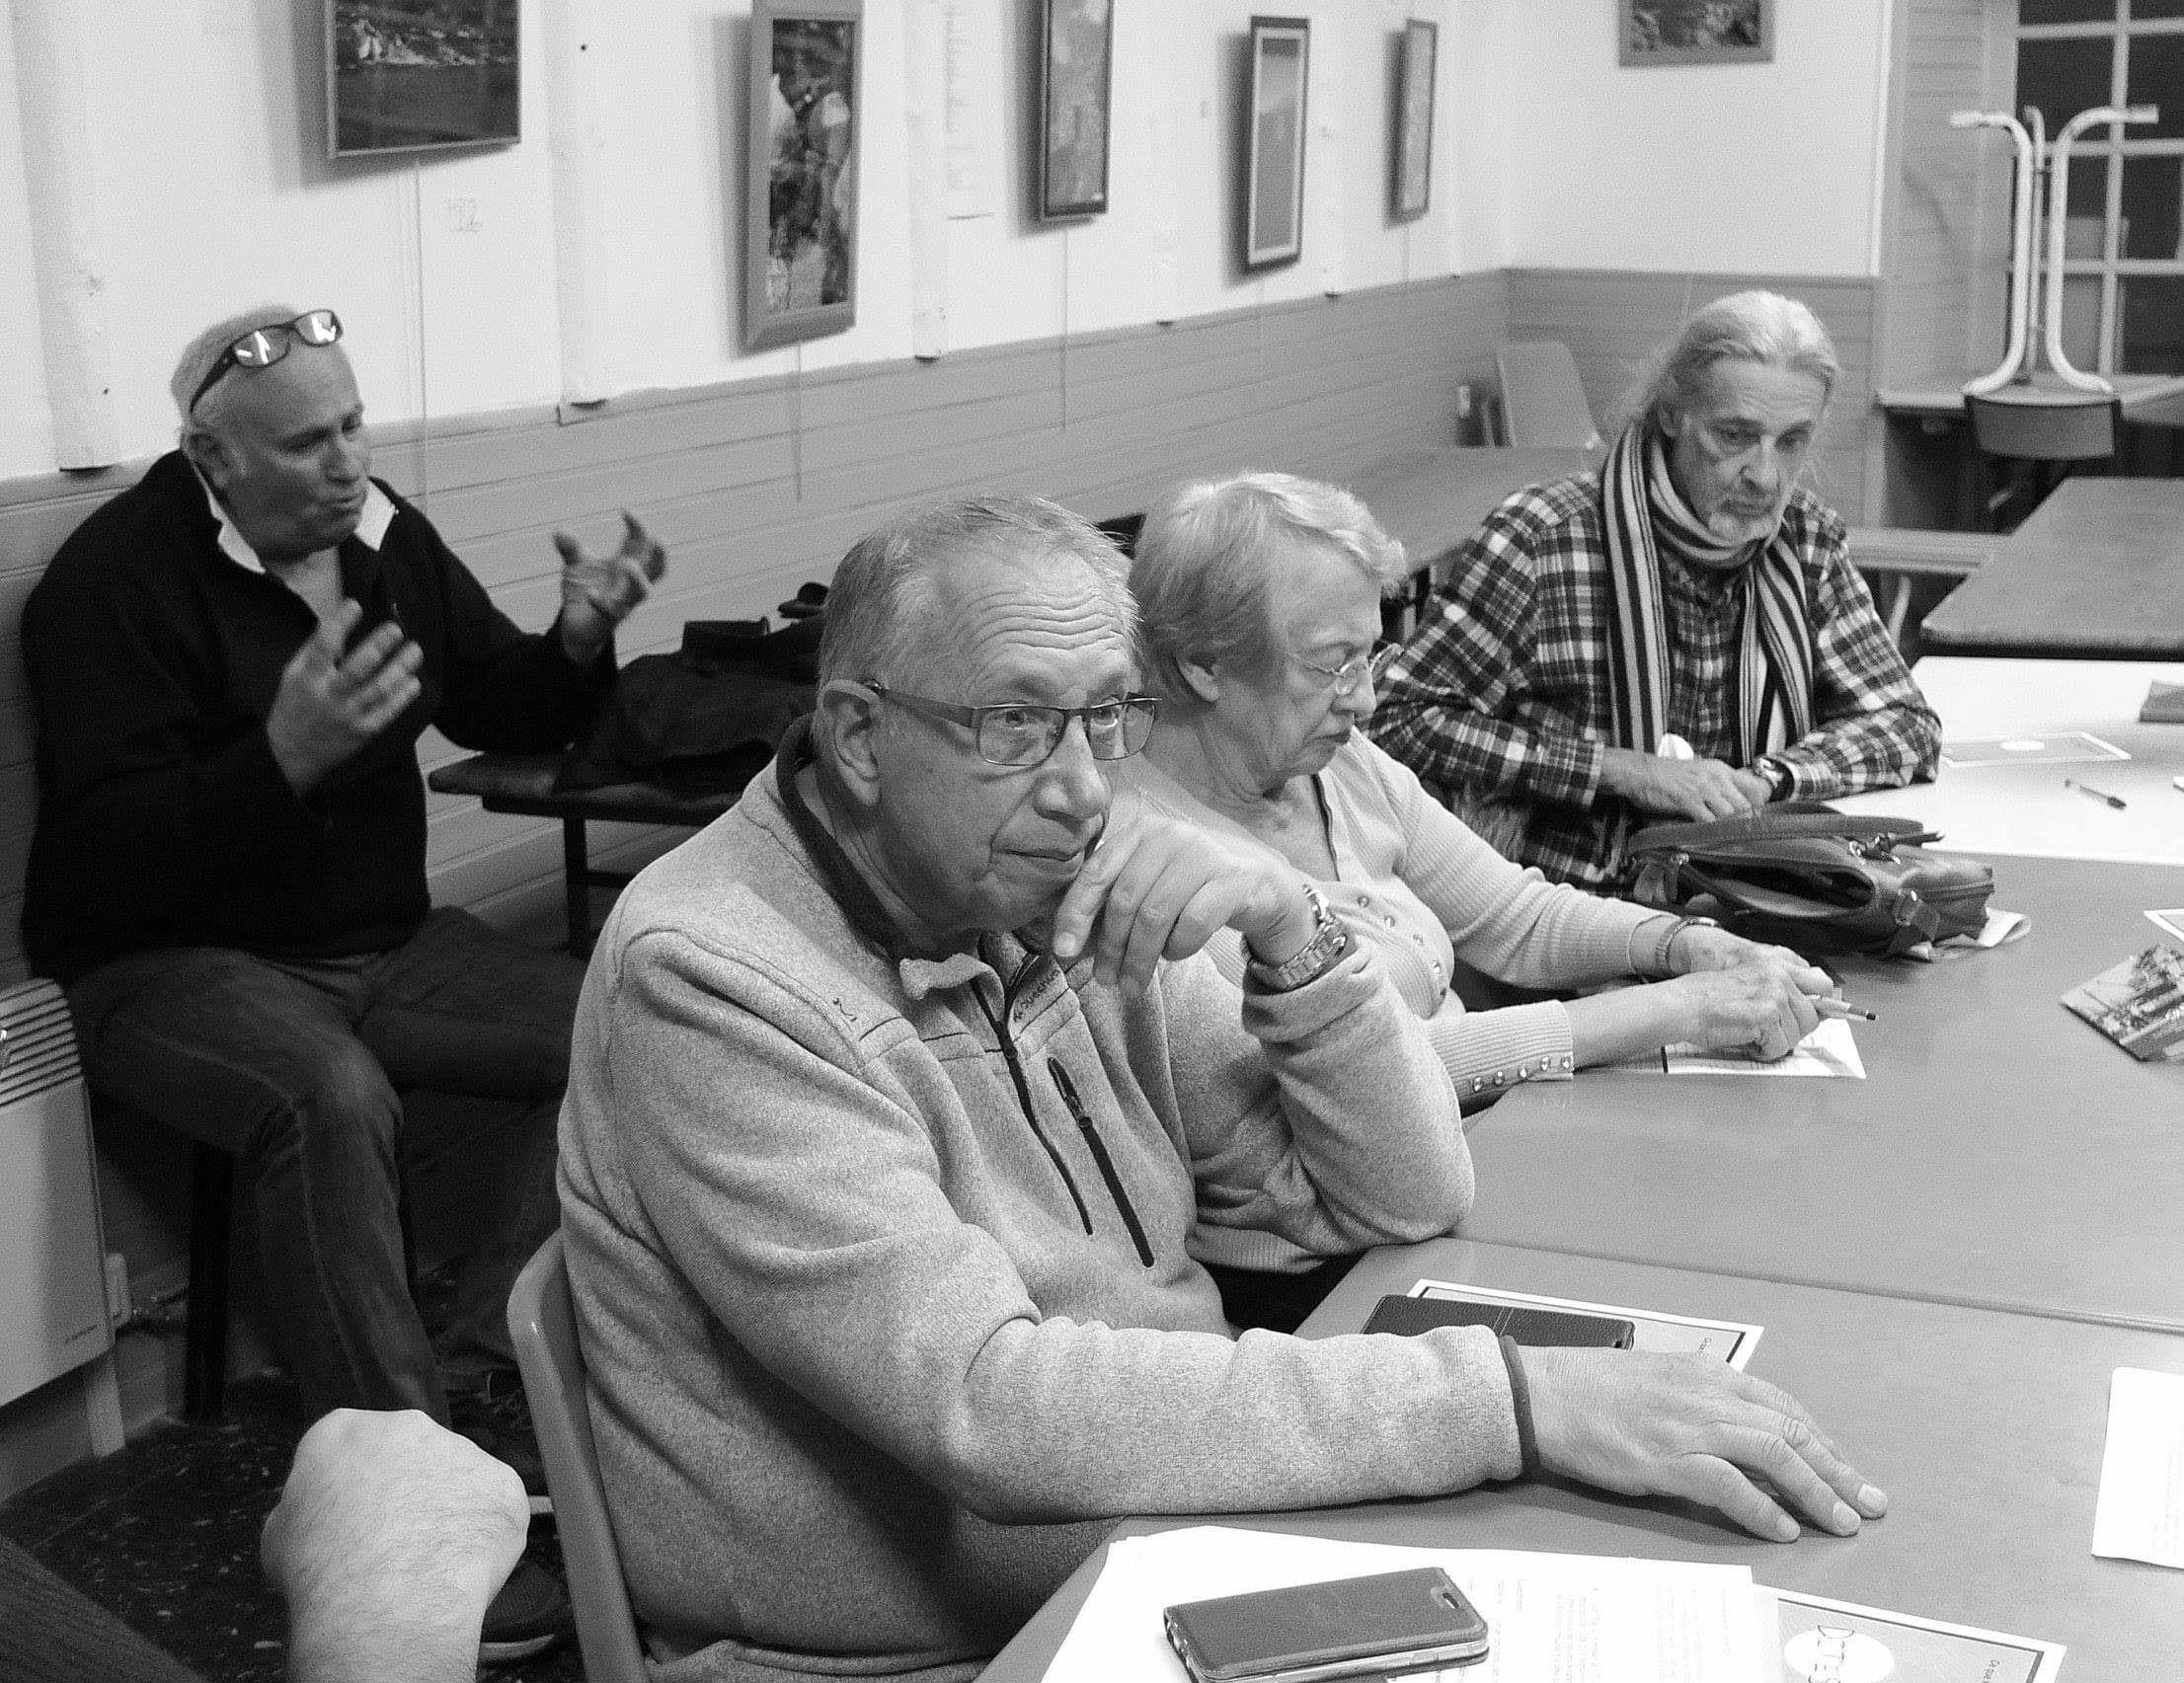 Le Rassemblement du 27 janvier place du 4 septembre à 10h00 prend forme sur la base de cahiers de doléances et revendicatif qui seront proposés à la population